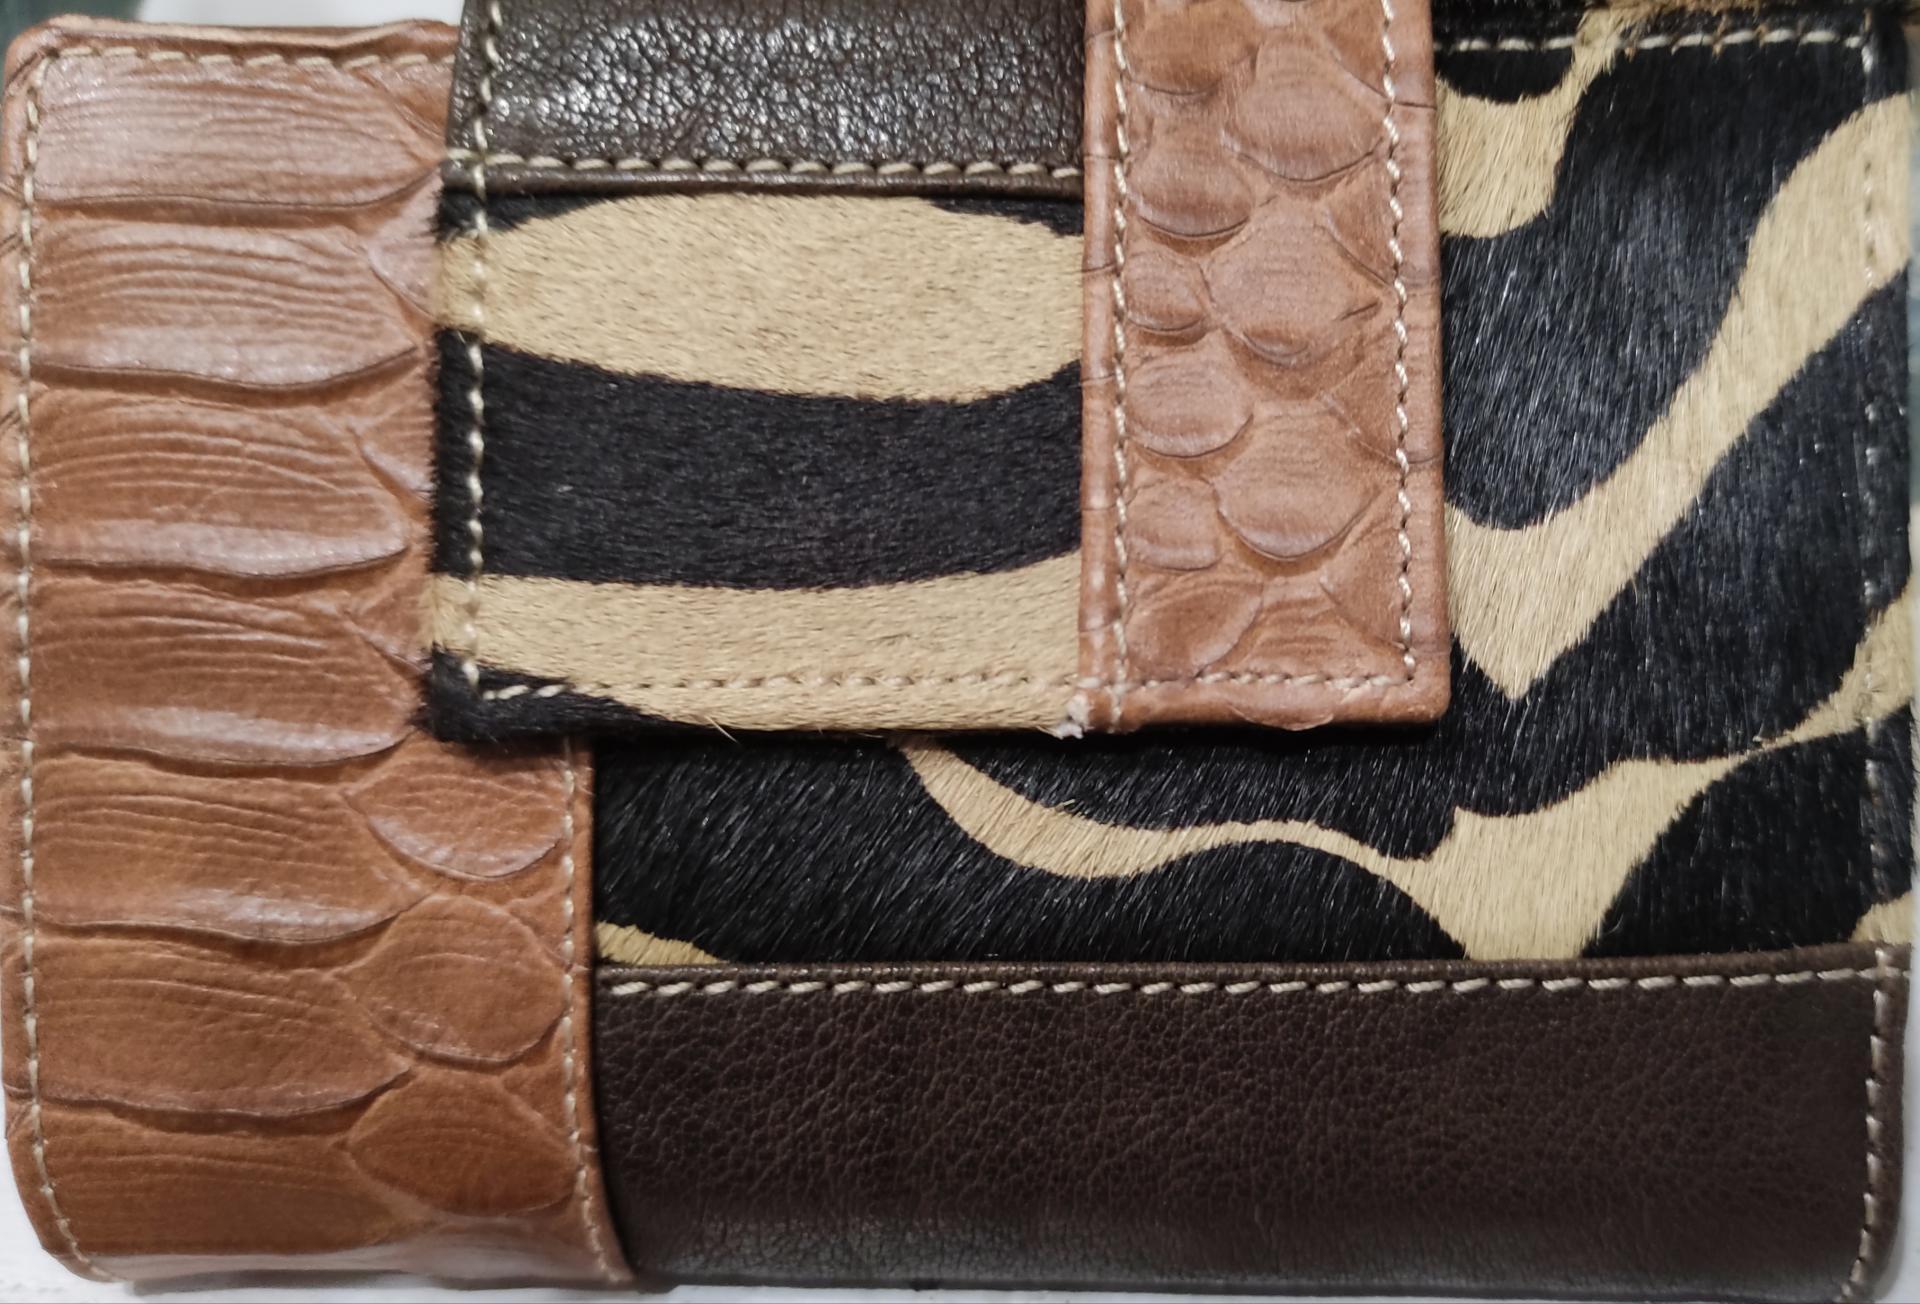 cartera-piel-ubrique-mujer-marron-bicolor-conpelo-concierre-tarjetero-monedero-lomejorsg.jpg